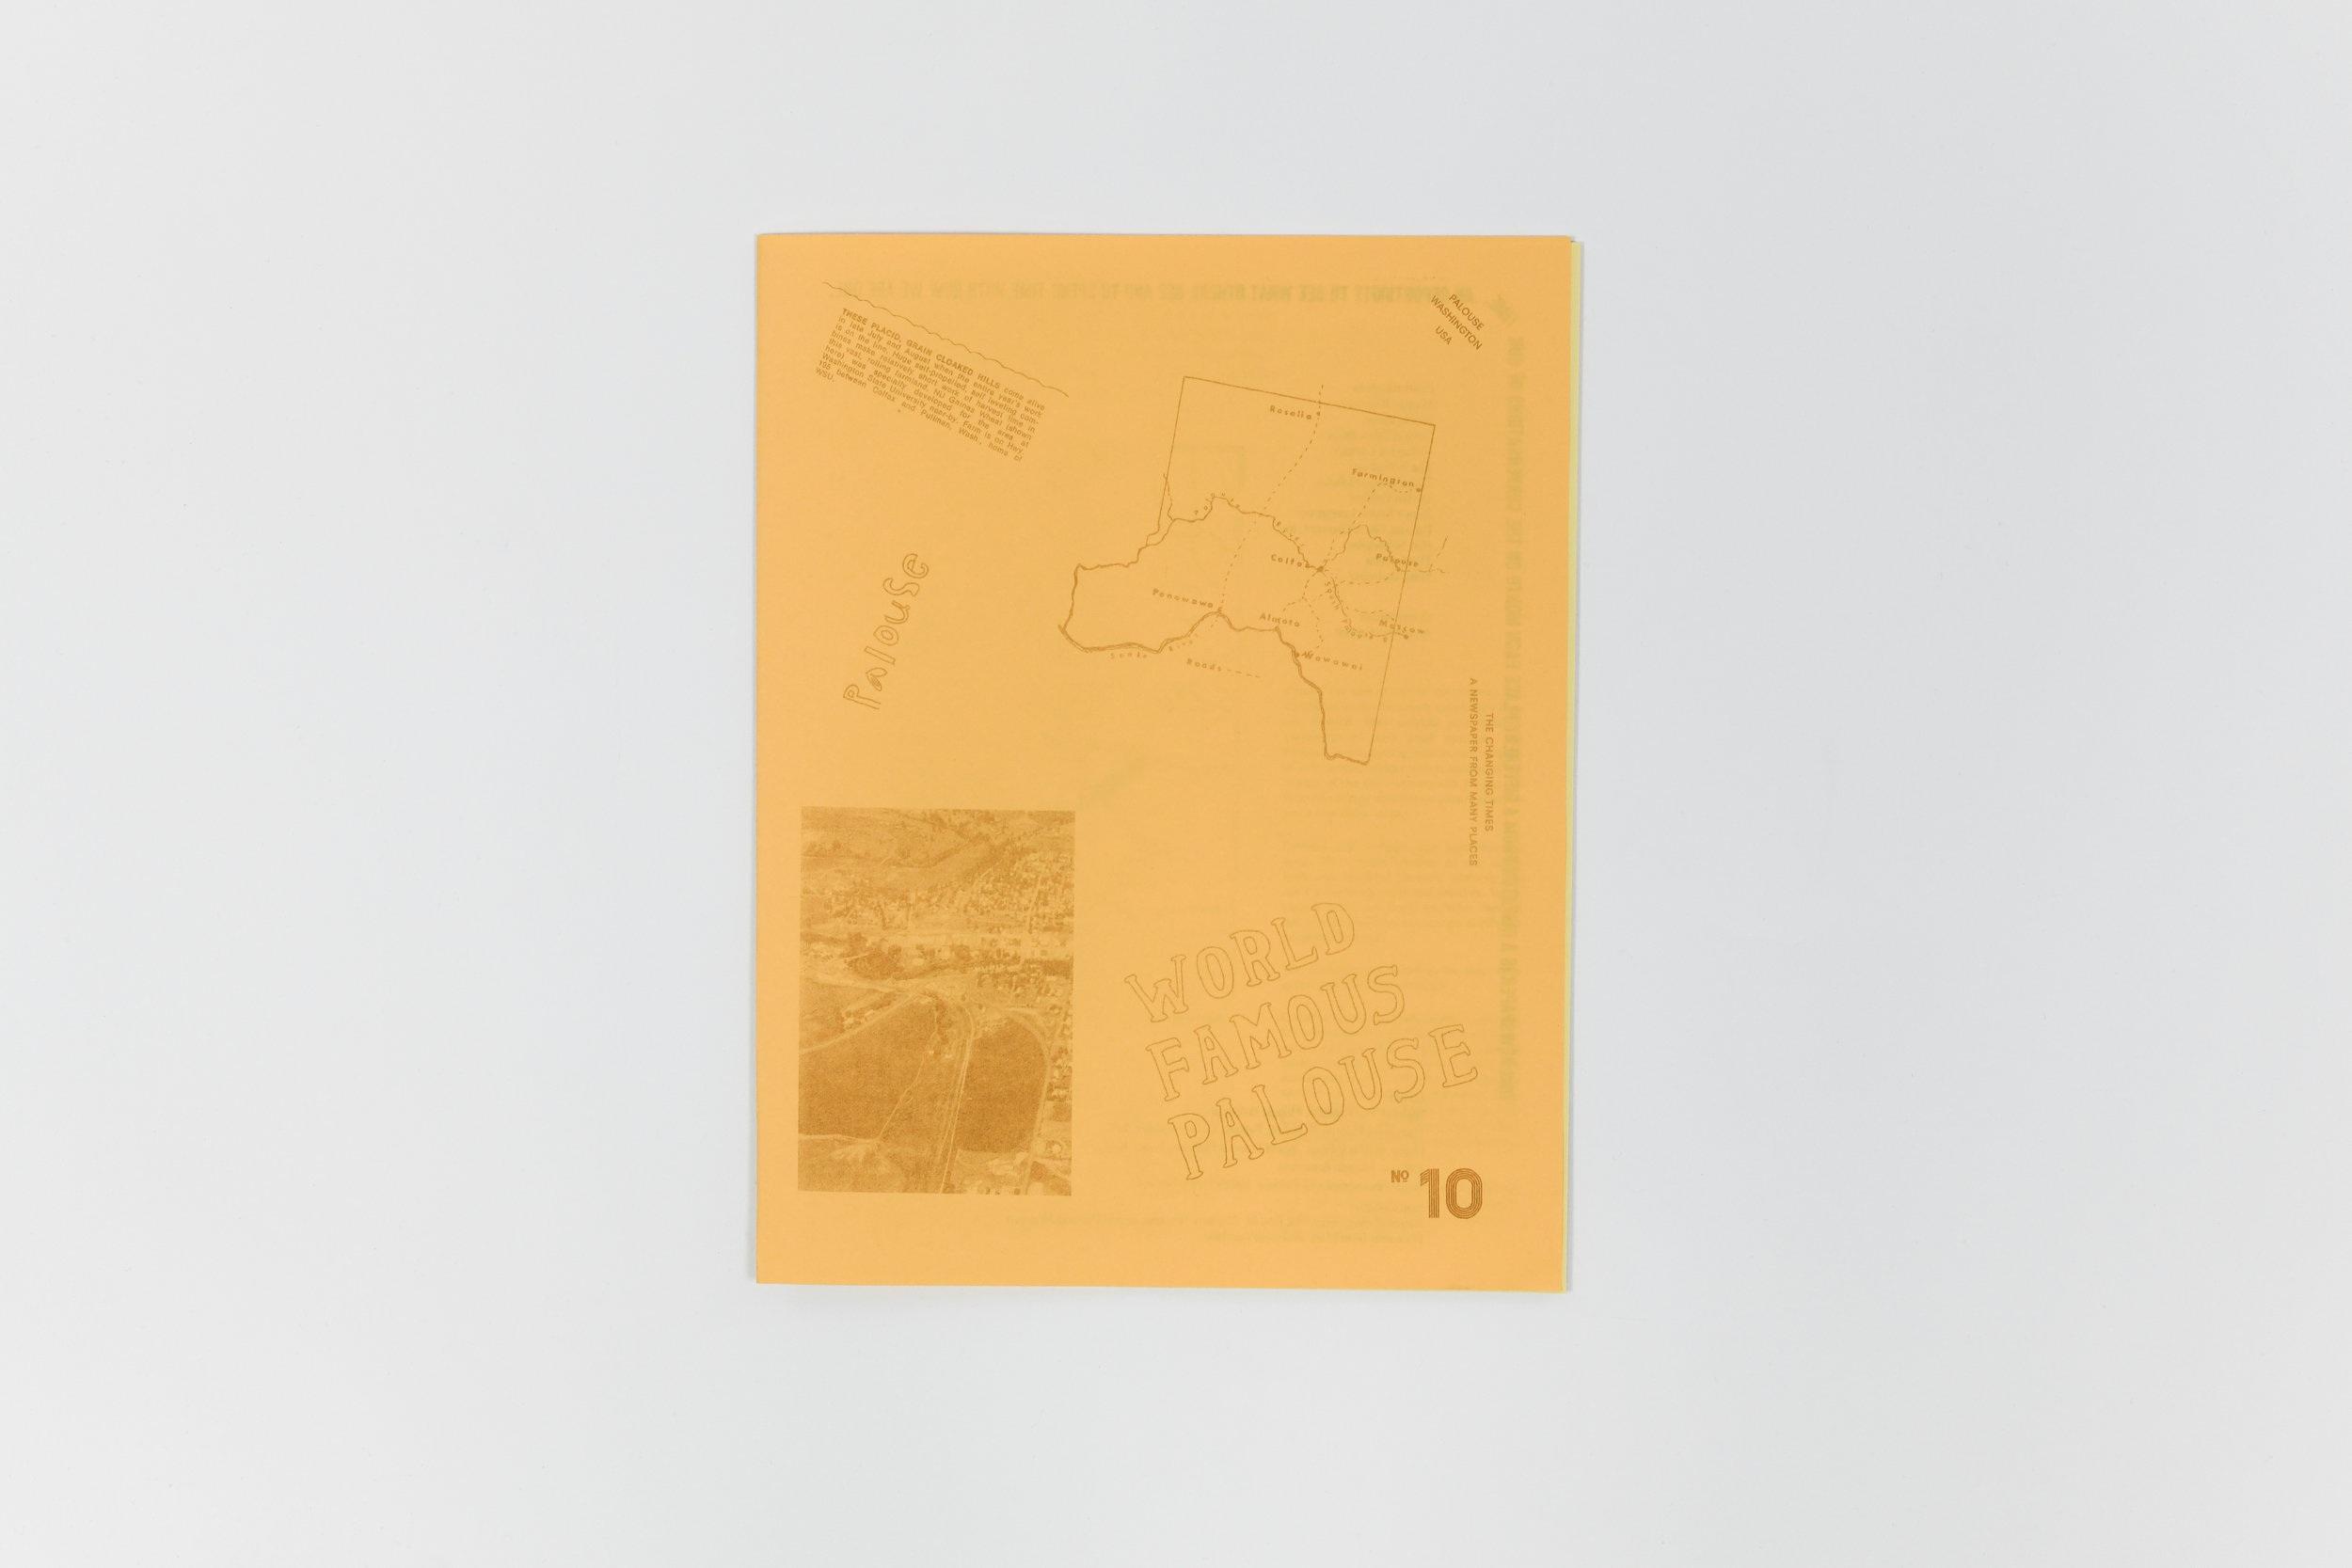 Issue 10: Palouse, Washington